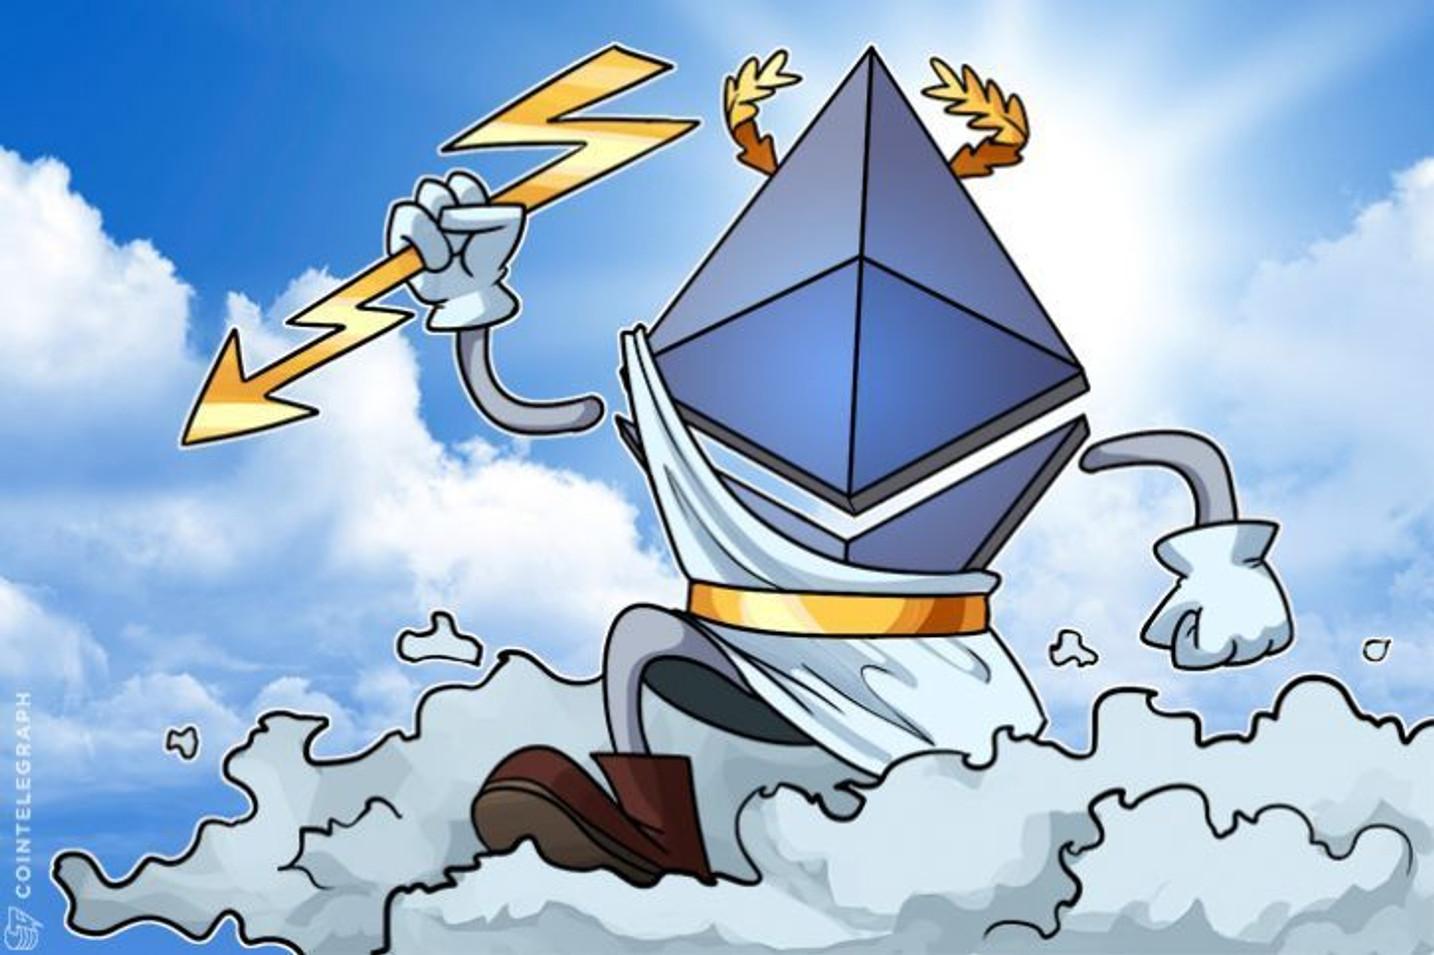 Ethereum rompe os US $ 500 pela primeira vez no frenesi cripto